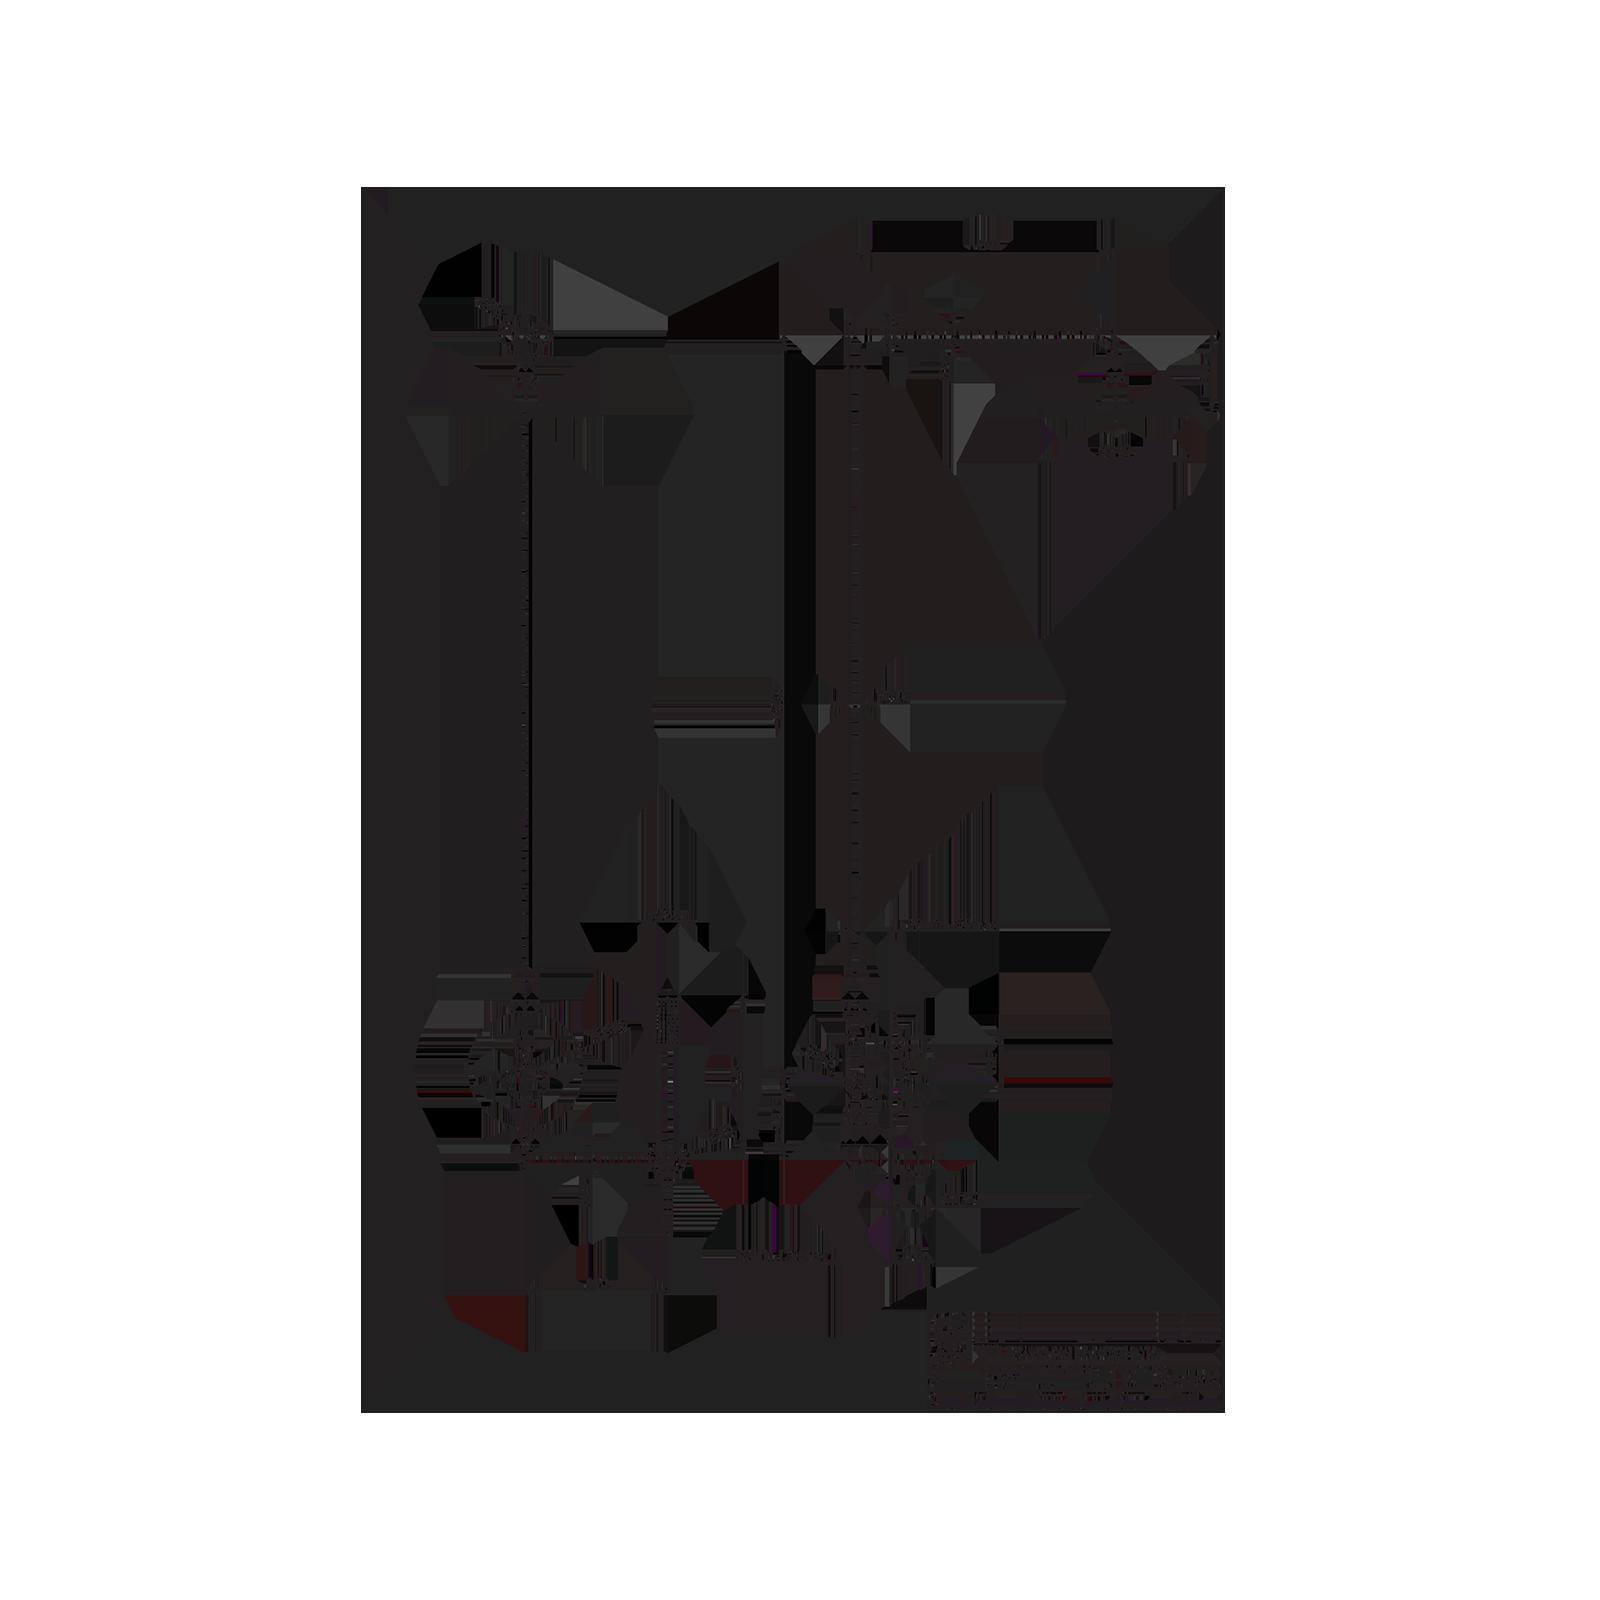 Colonne de douche thermostatique intégrée avec inverseur automatique  avec kit de douche.